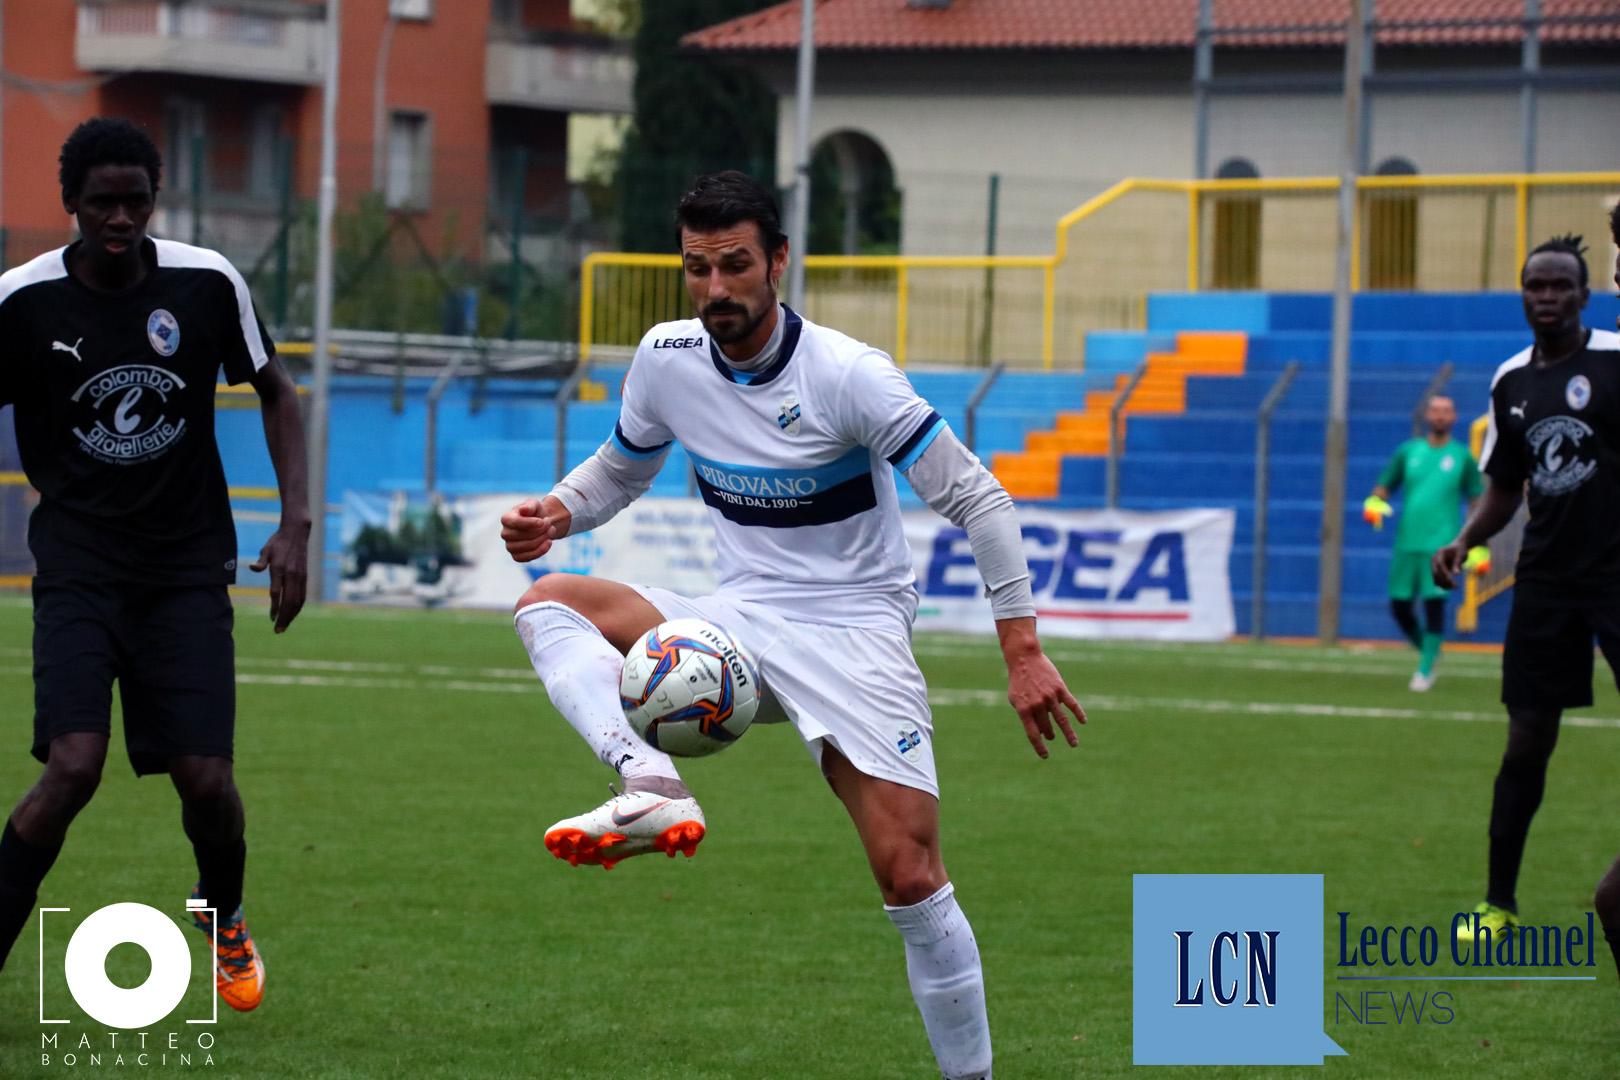 Calcio Lecco Victoria Amichevole 8 Novembre 2018 lella (20)